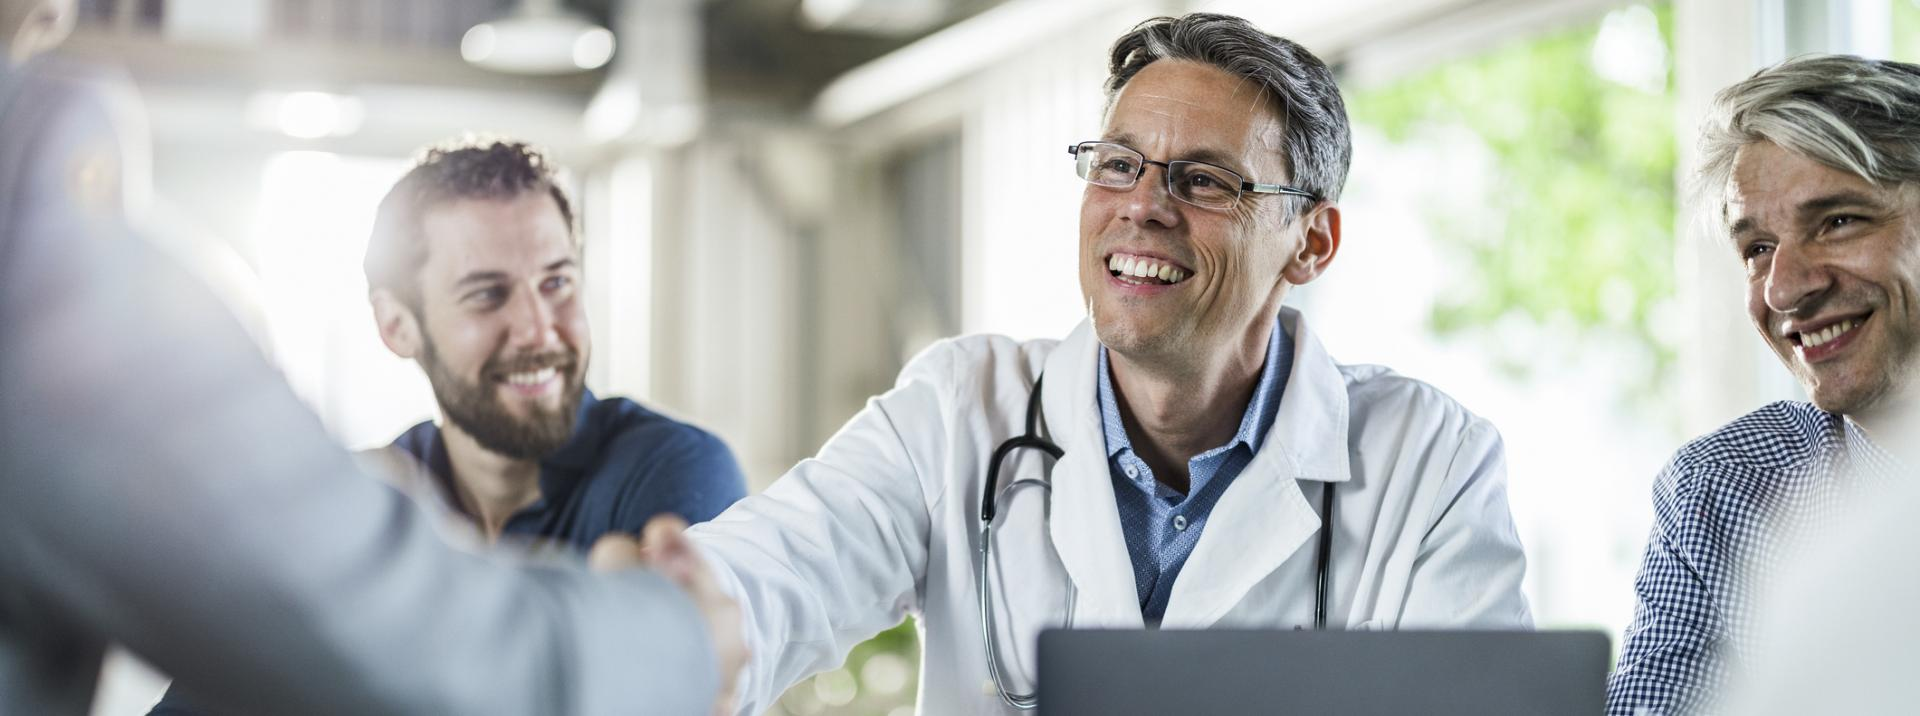 Ärzte beim Austausch